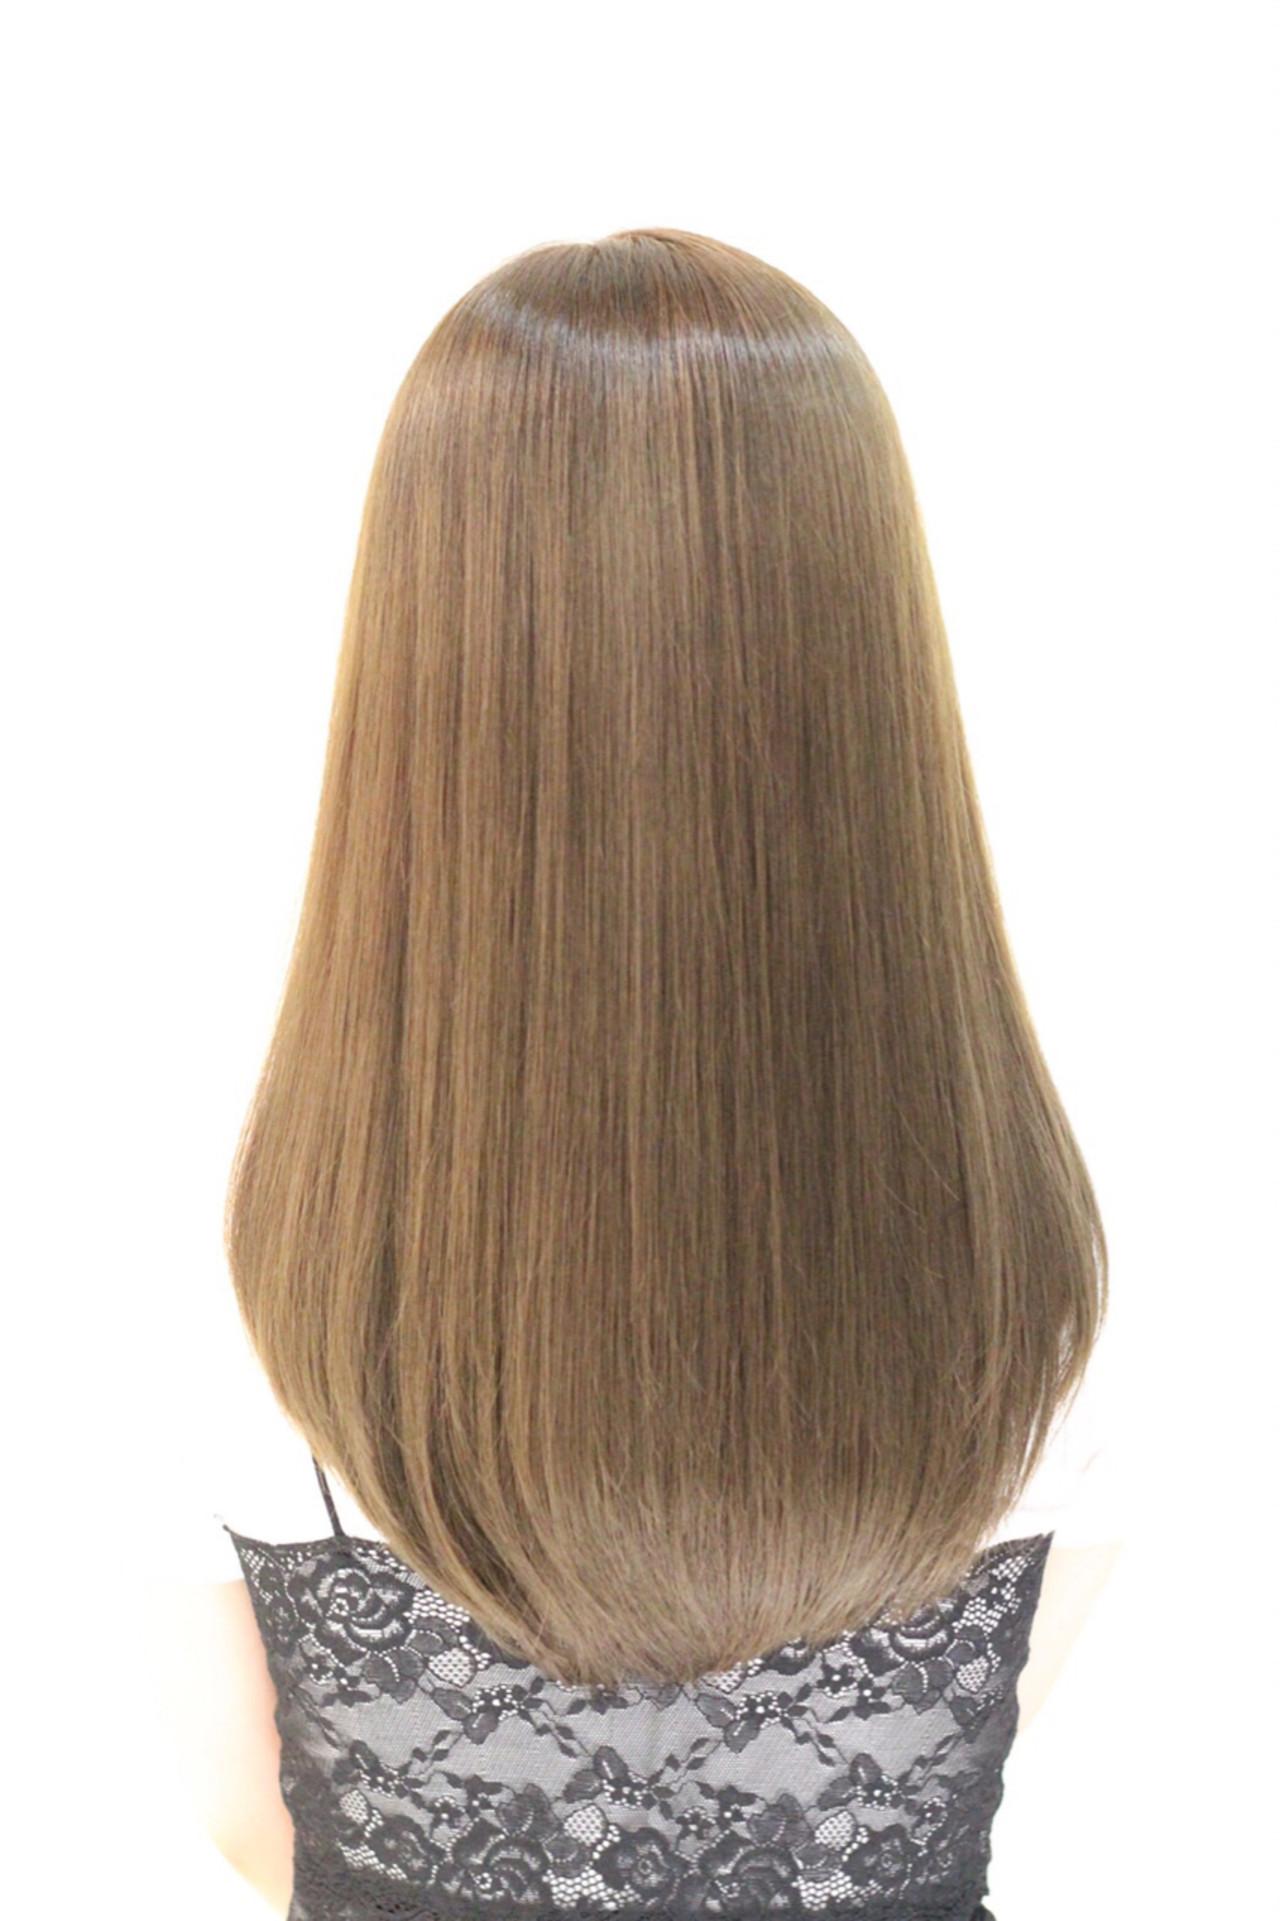 外国人風 ロング フェミニン ハイライト ヘアスタイルや髪型の写真・画像